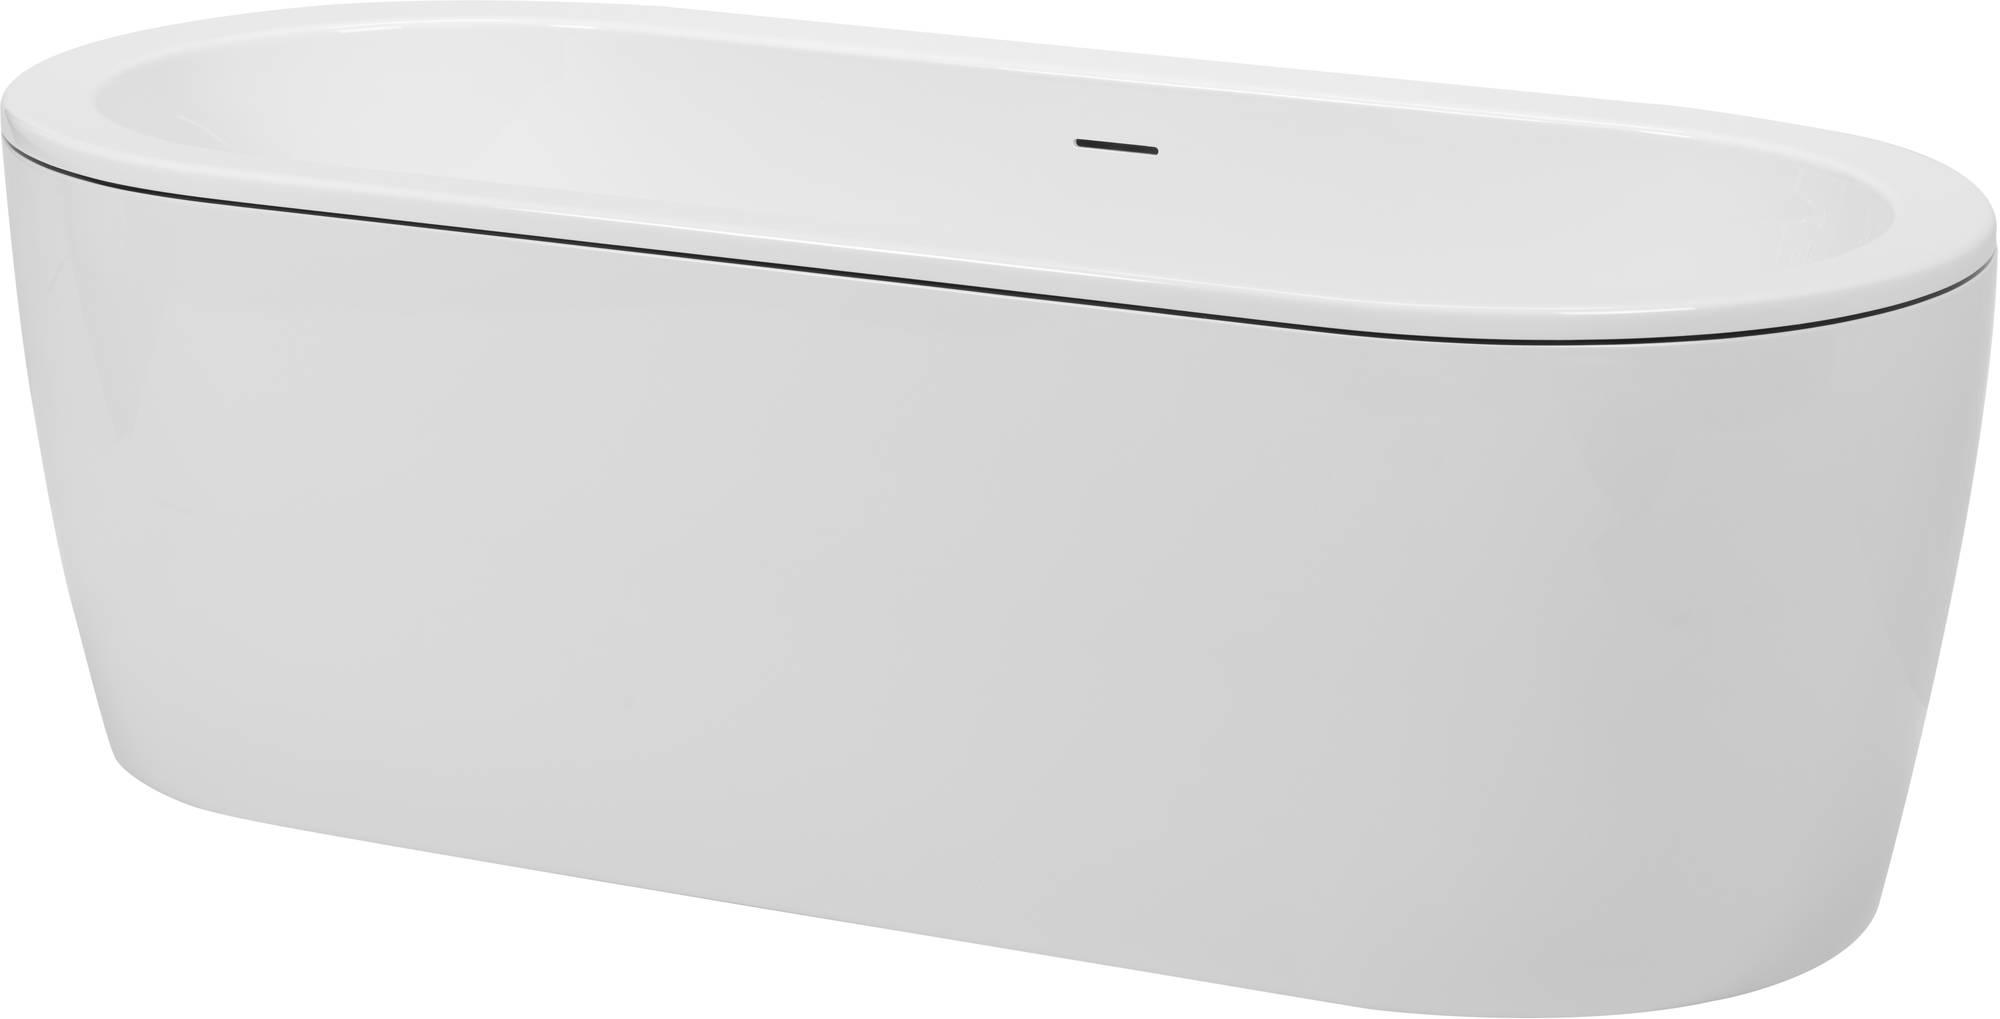 Saniselect Bad Vrijstaand 180x80x60 cm Wit met Zwart Rand